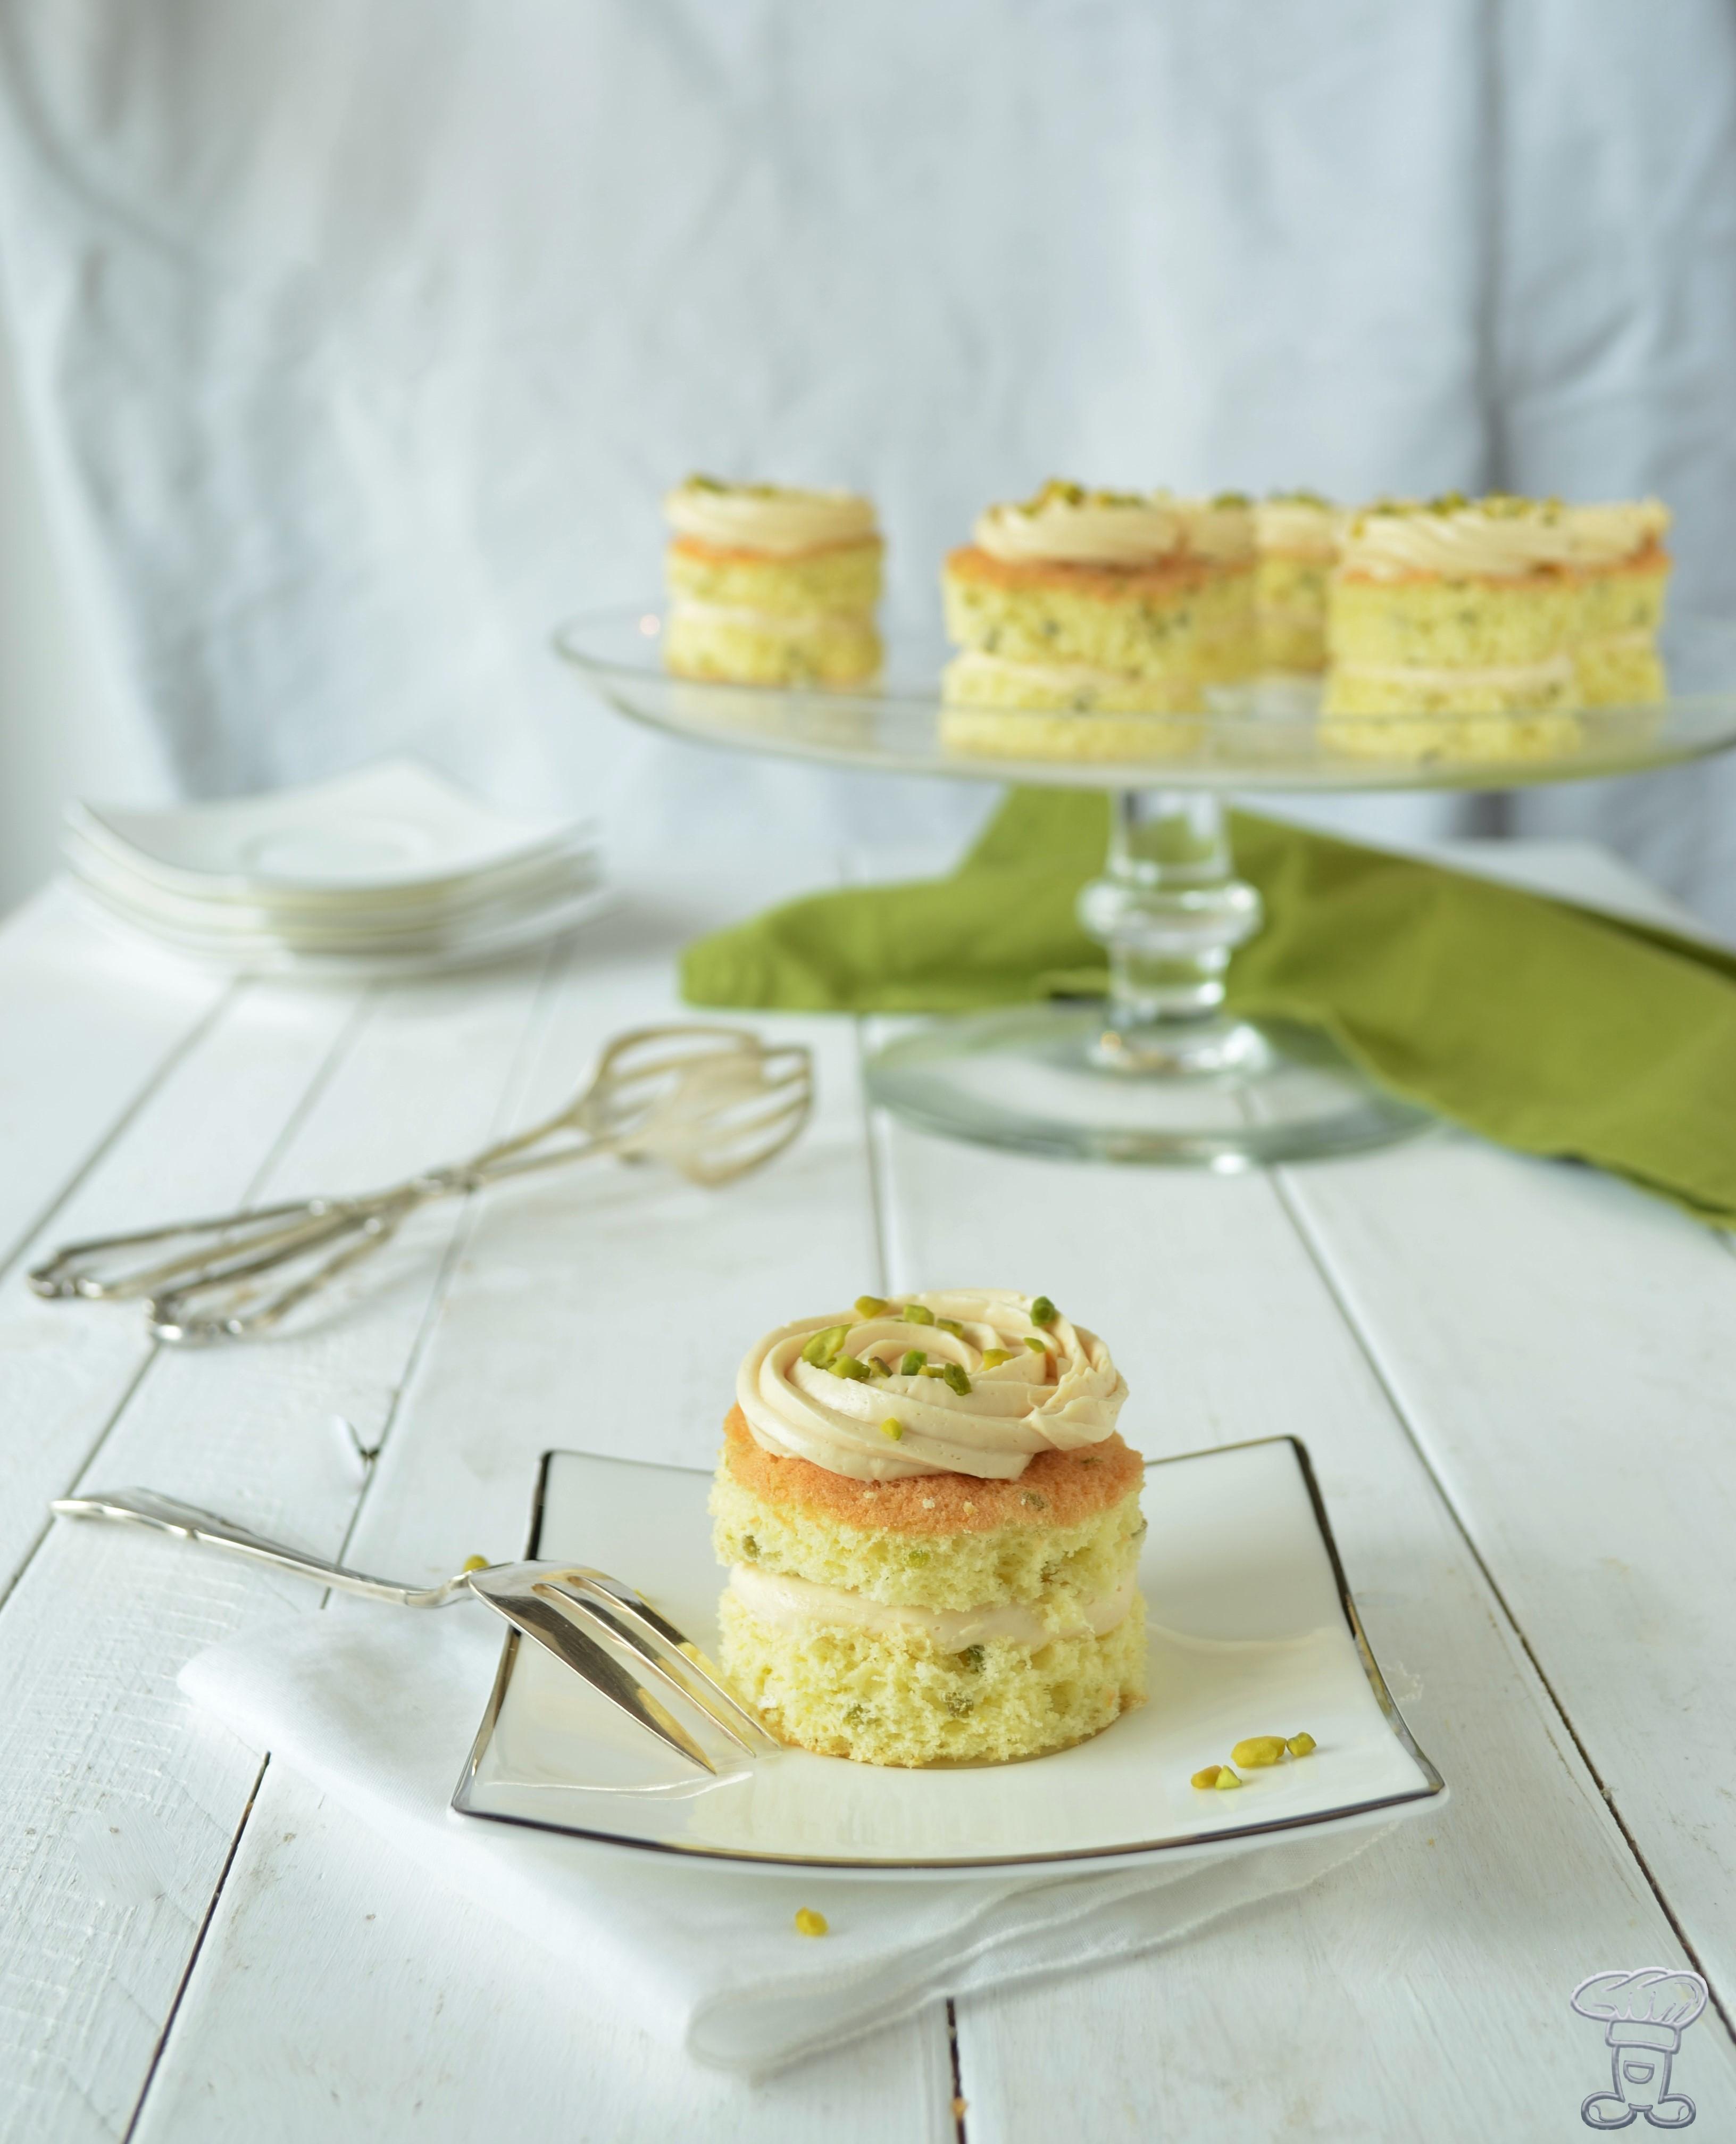 dsc_02283 Mini Pan di Spagna al Pistacchio e Crema al Caramello Salato